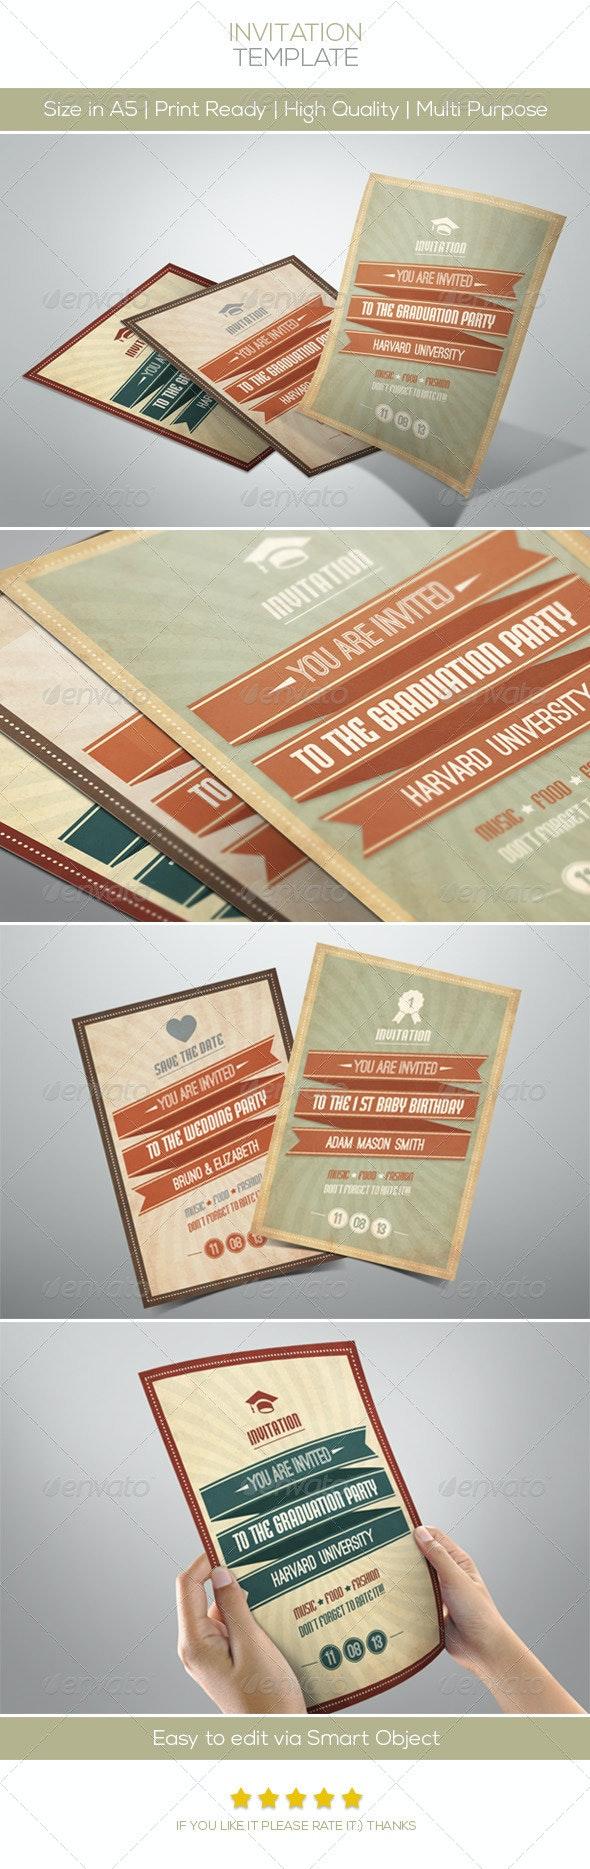 Retro Invitation - Invitations Cards & Invites